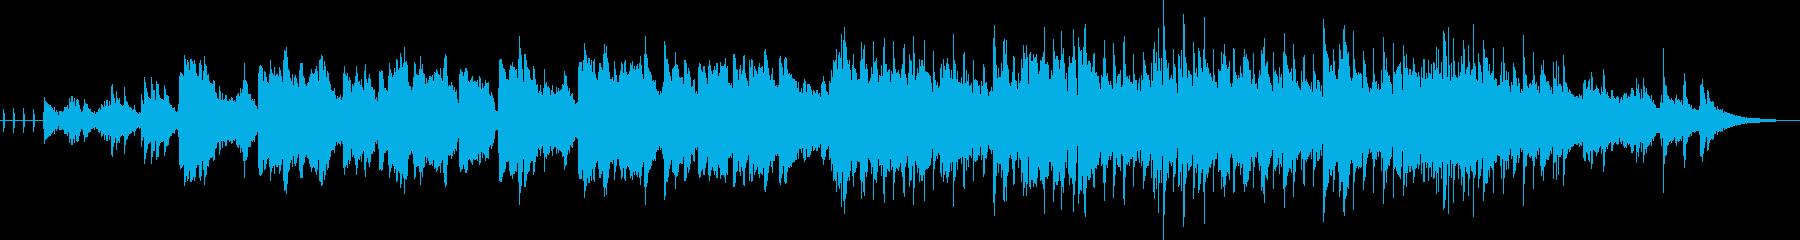 ドラマチックで感動的なトランペットの曲の再生済みの波形